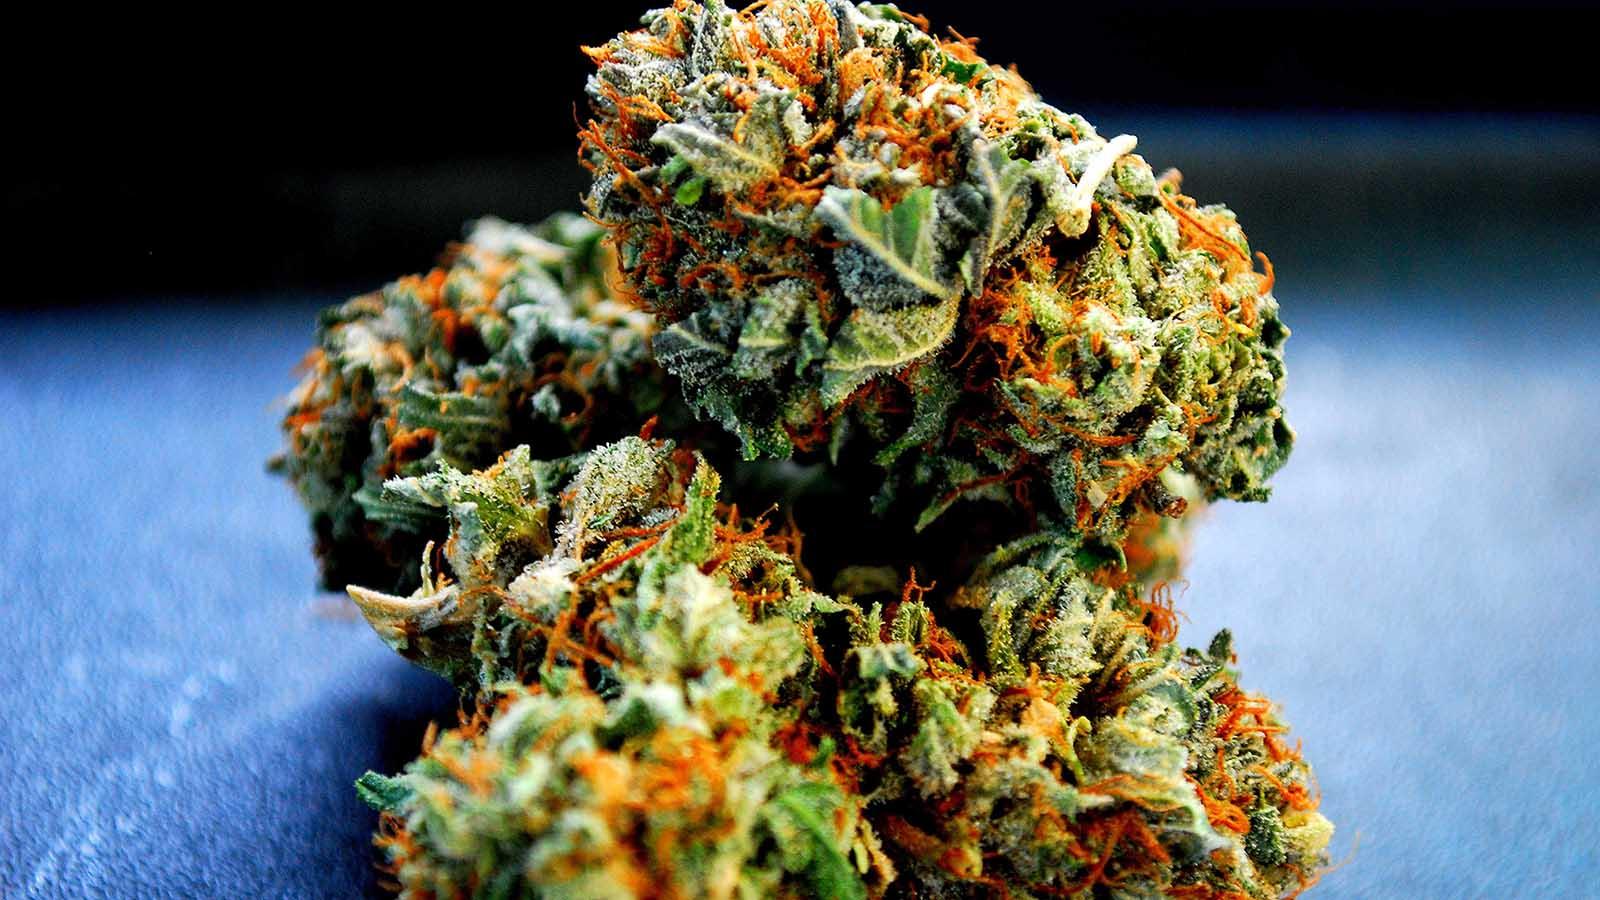 Odmiany marihuany Kush - skąd pochodzą i czym wyróżniają się odmiany kush?